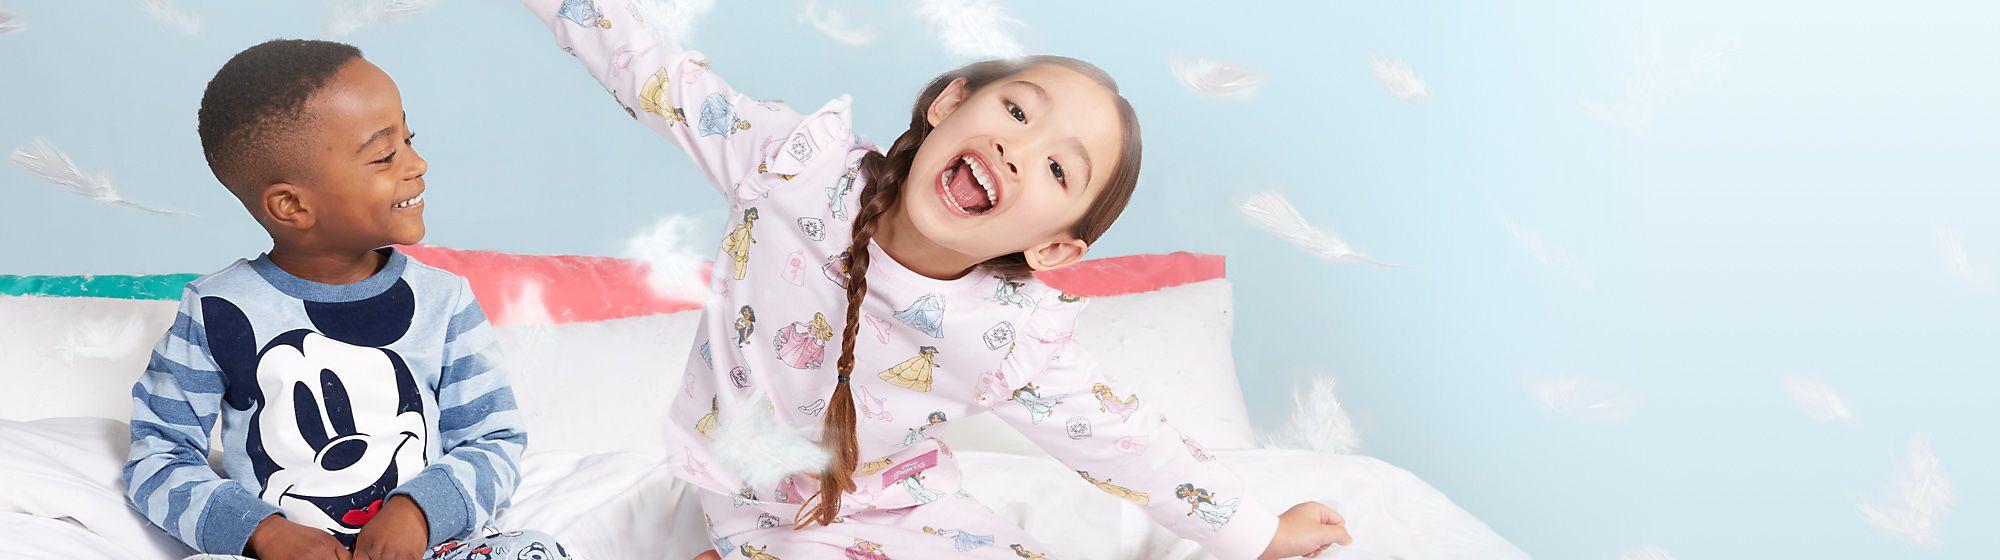 Colección para la hora de dormir La hora de dormir será más divertida con nuestra colección de pijamas Disney para adultos y niños.